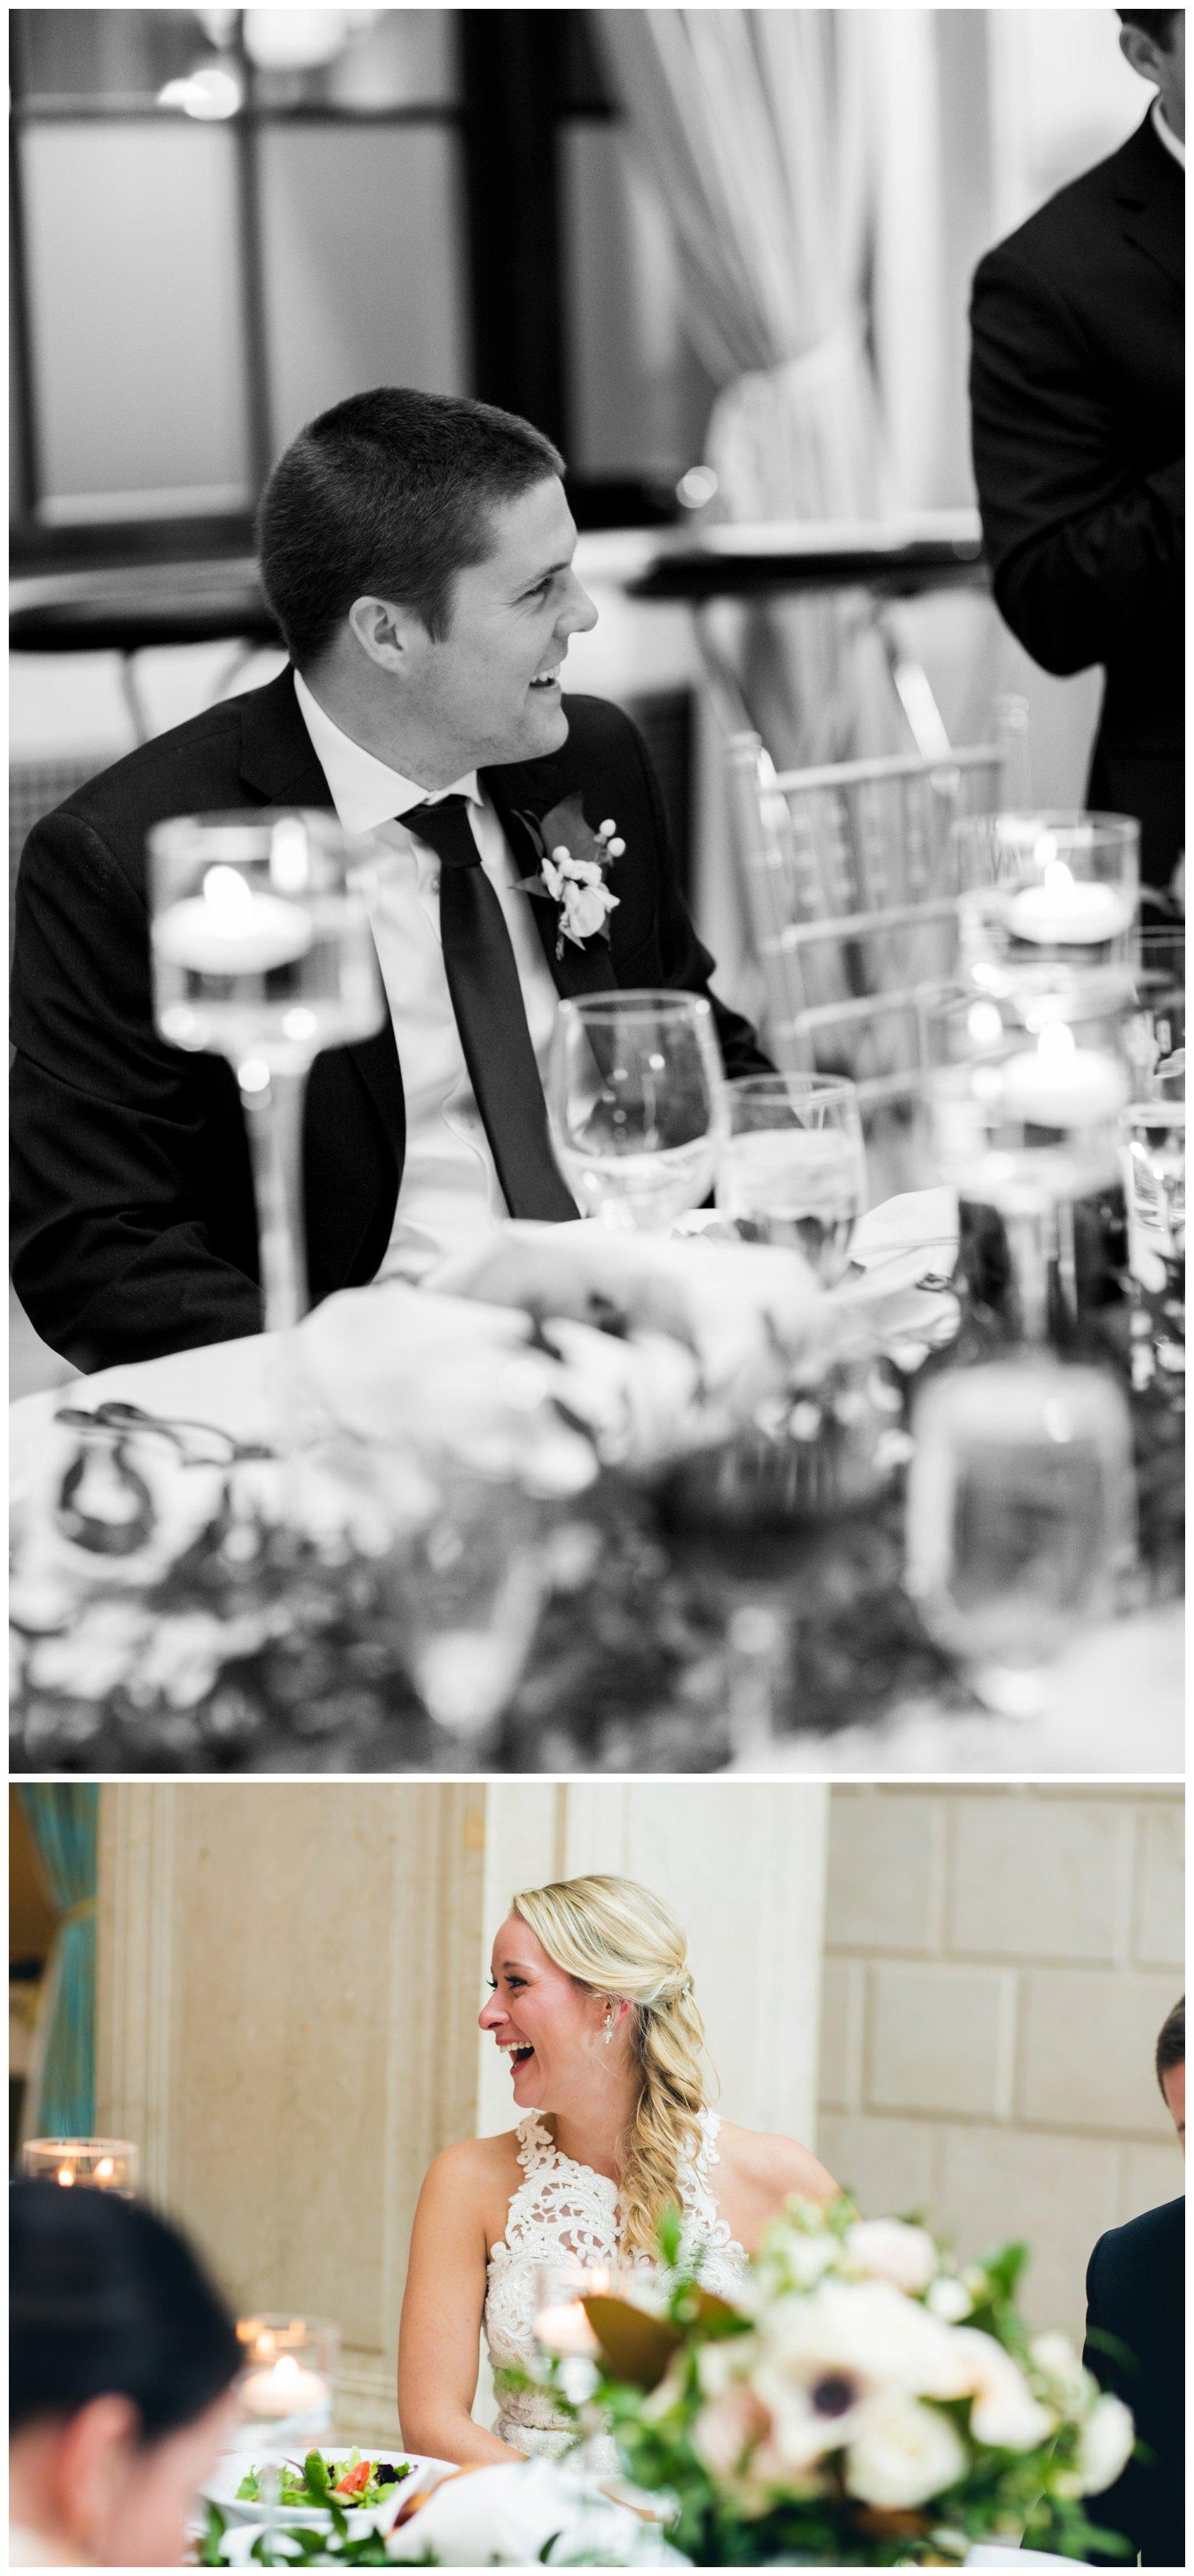 lauren muckler photography_fine art film wedding photography_st louis_photography_2450.jpg